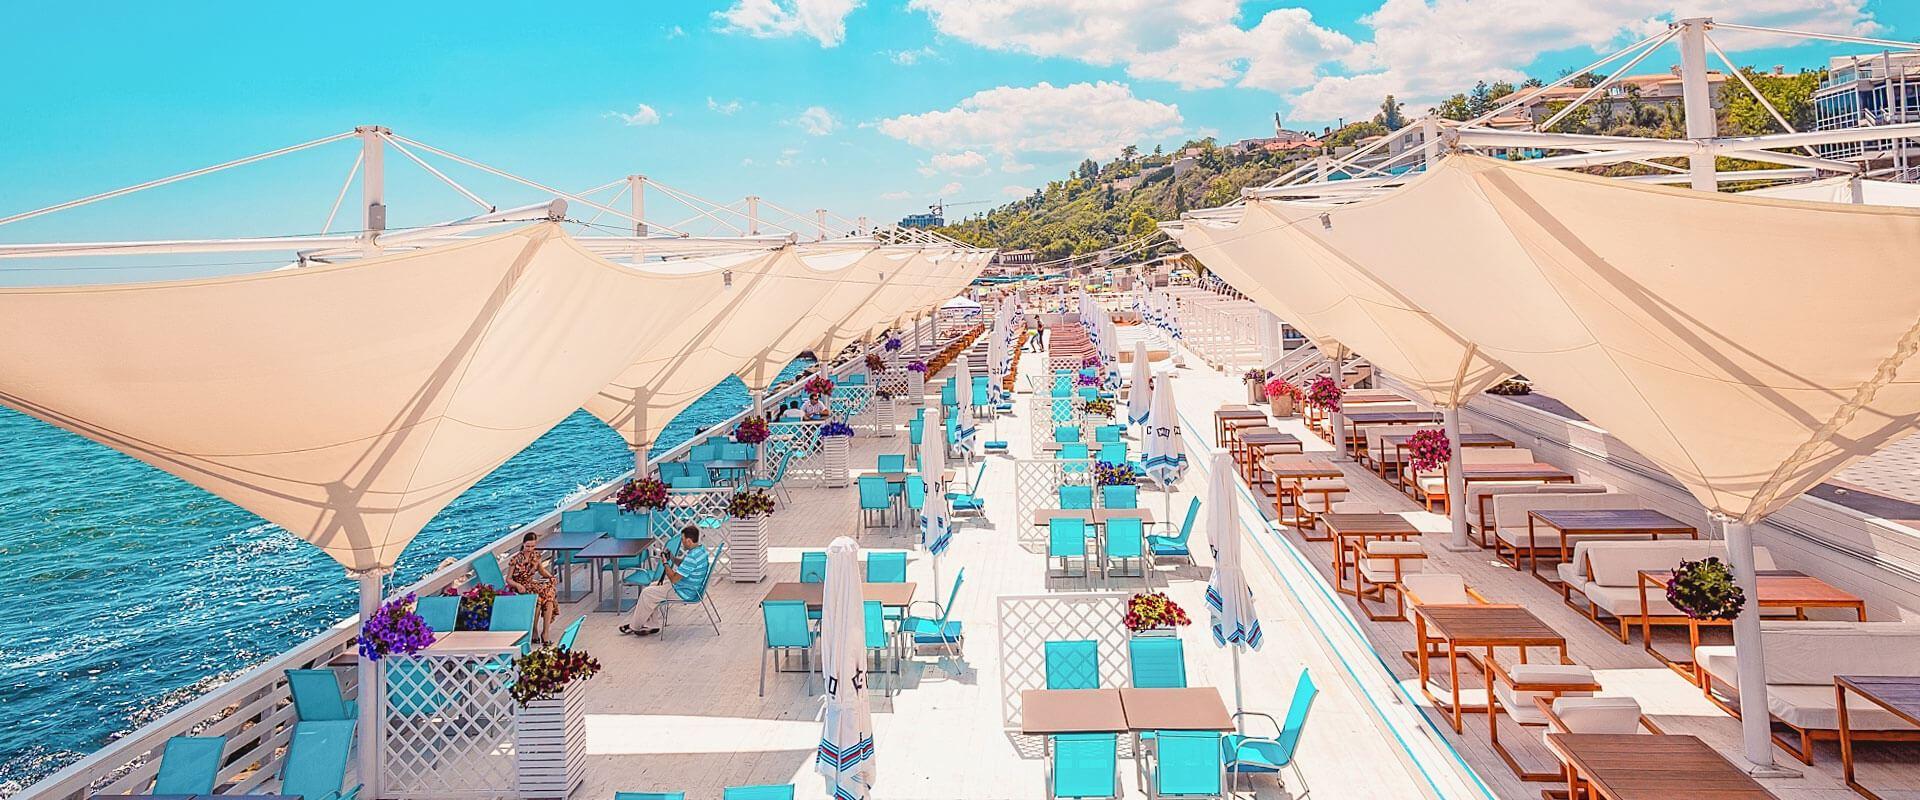 Летняя терраса ресторана отеля Одессы